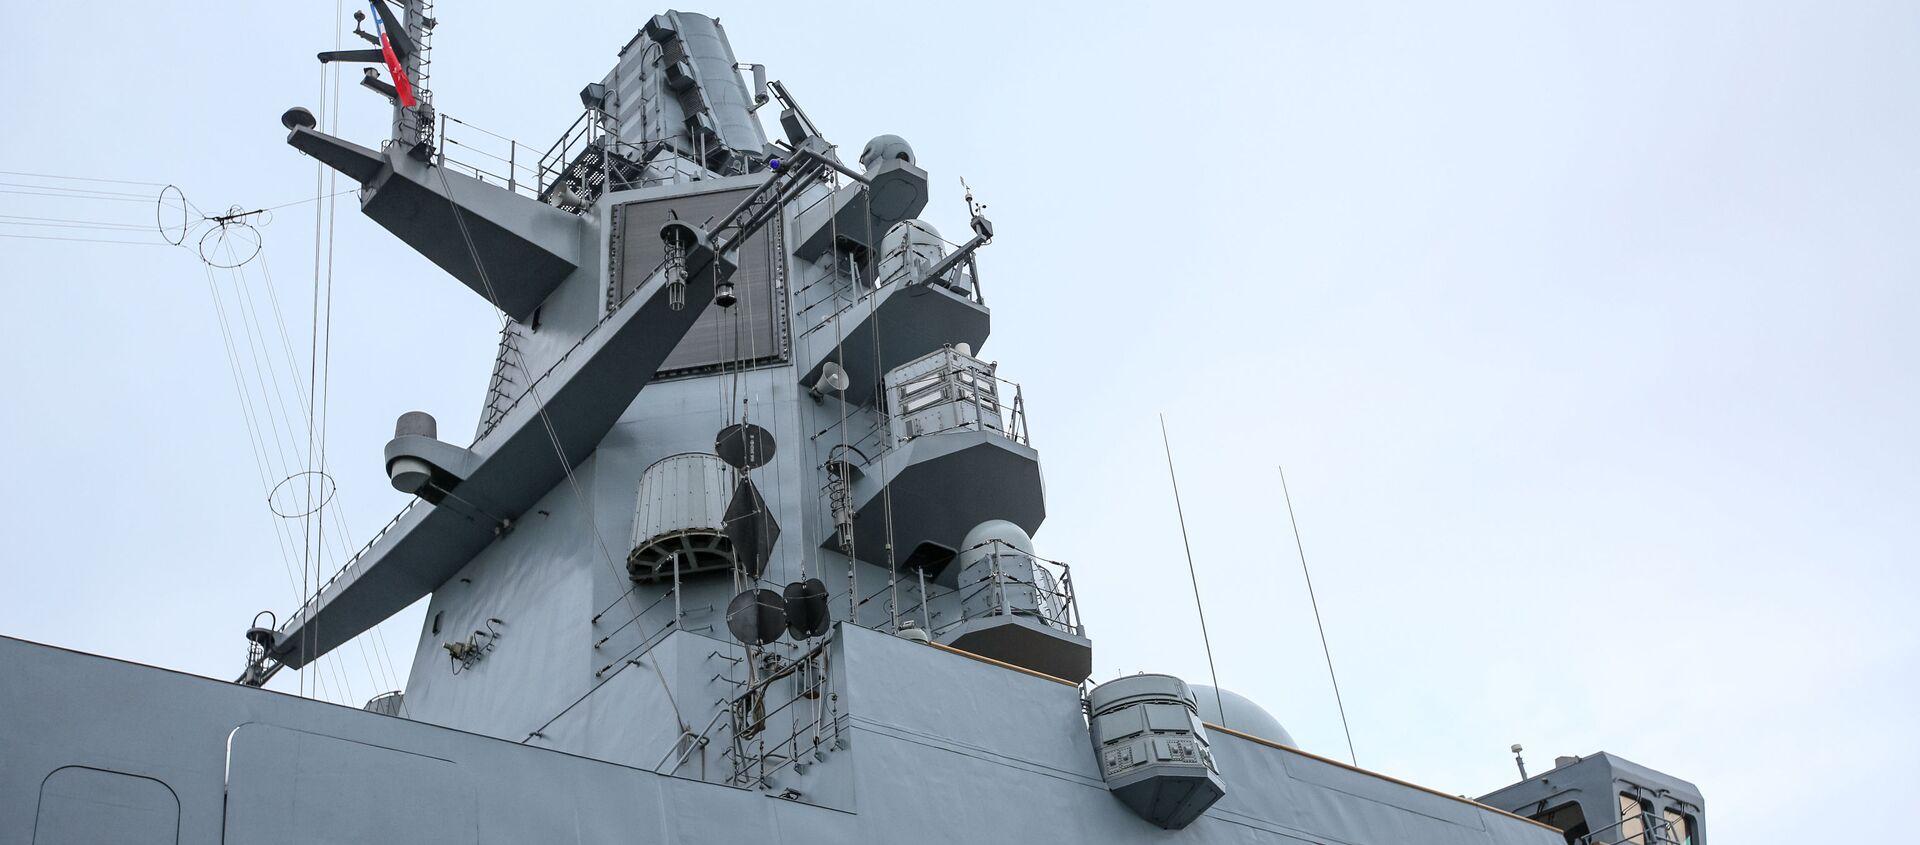 Khinh hạm Đề án 22350 Đô đốc Hạm đội Kasatonov ở cảng Severomorsk - Sputnik Việt Nam, 1920, 10.12.2020